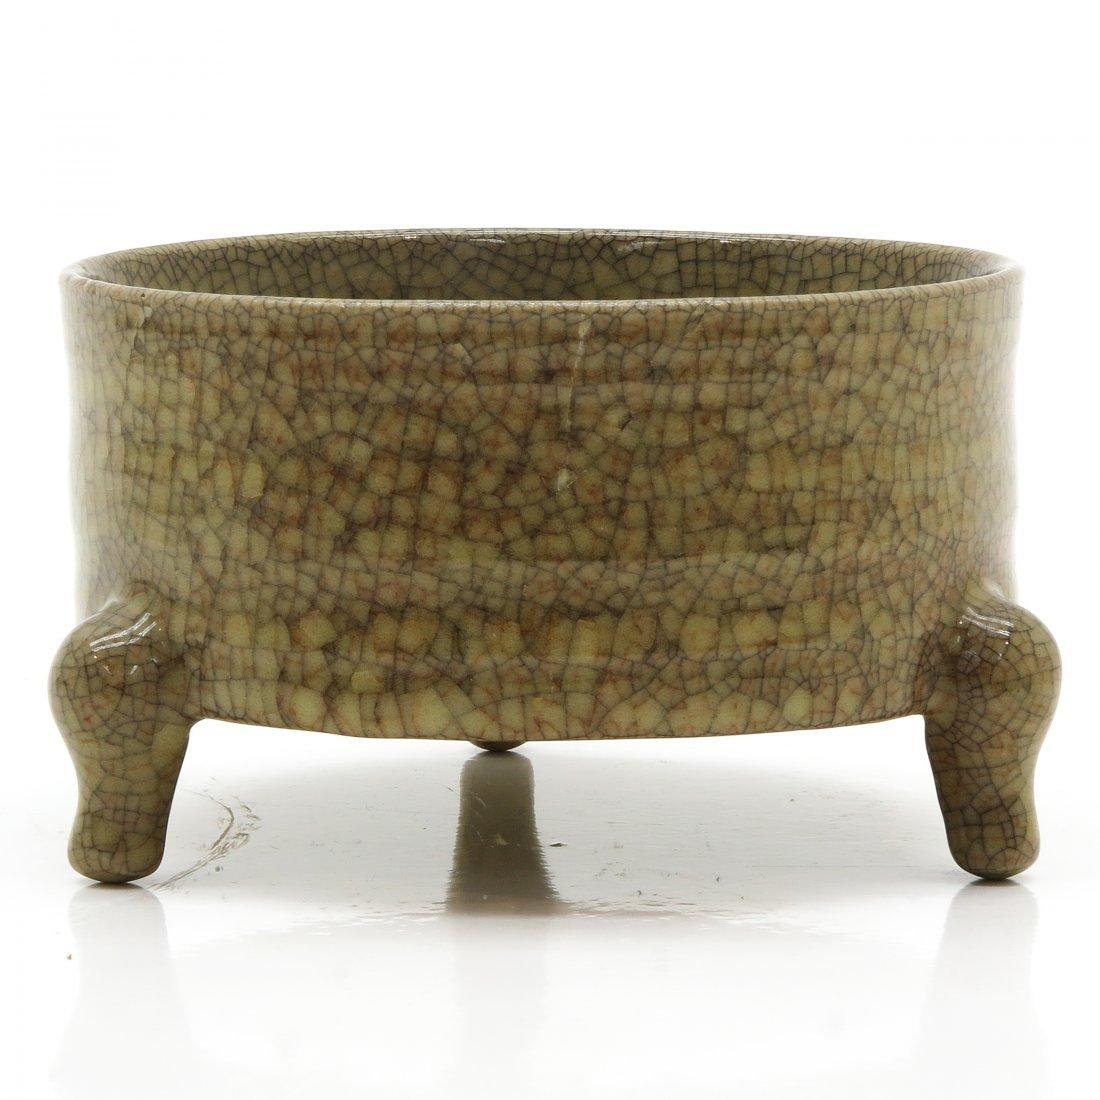 China Porcelain Crackle Ware Decor Censer